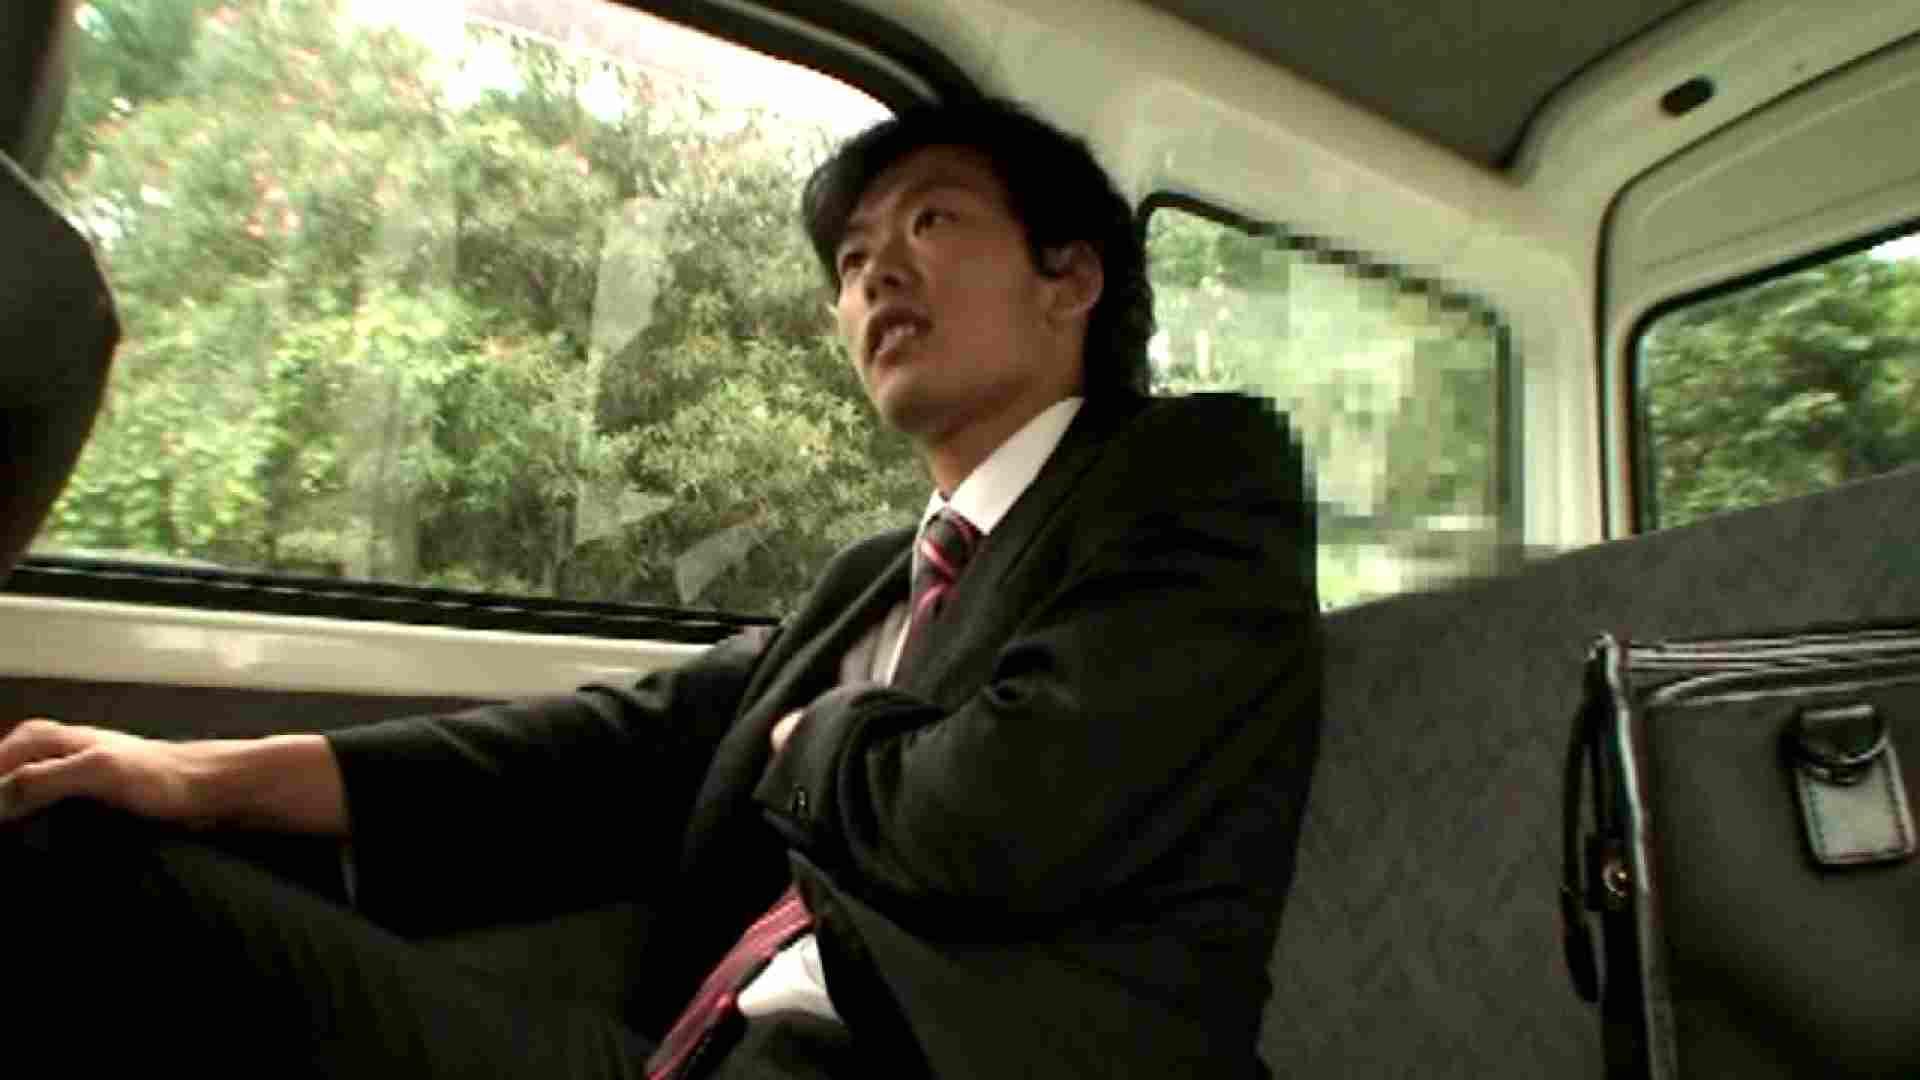 亜細亜のイケメンがイクっ!File.06 ゲイイメージ ゲイアダルトビデオ画像 105pic 15